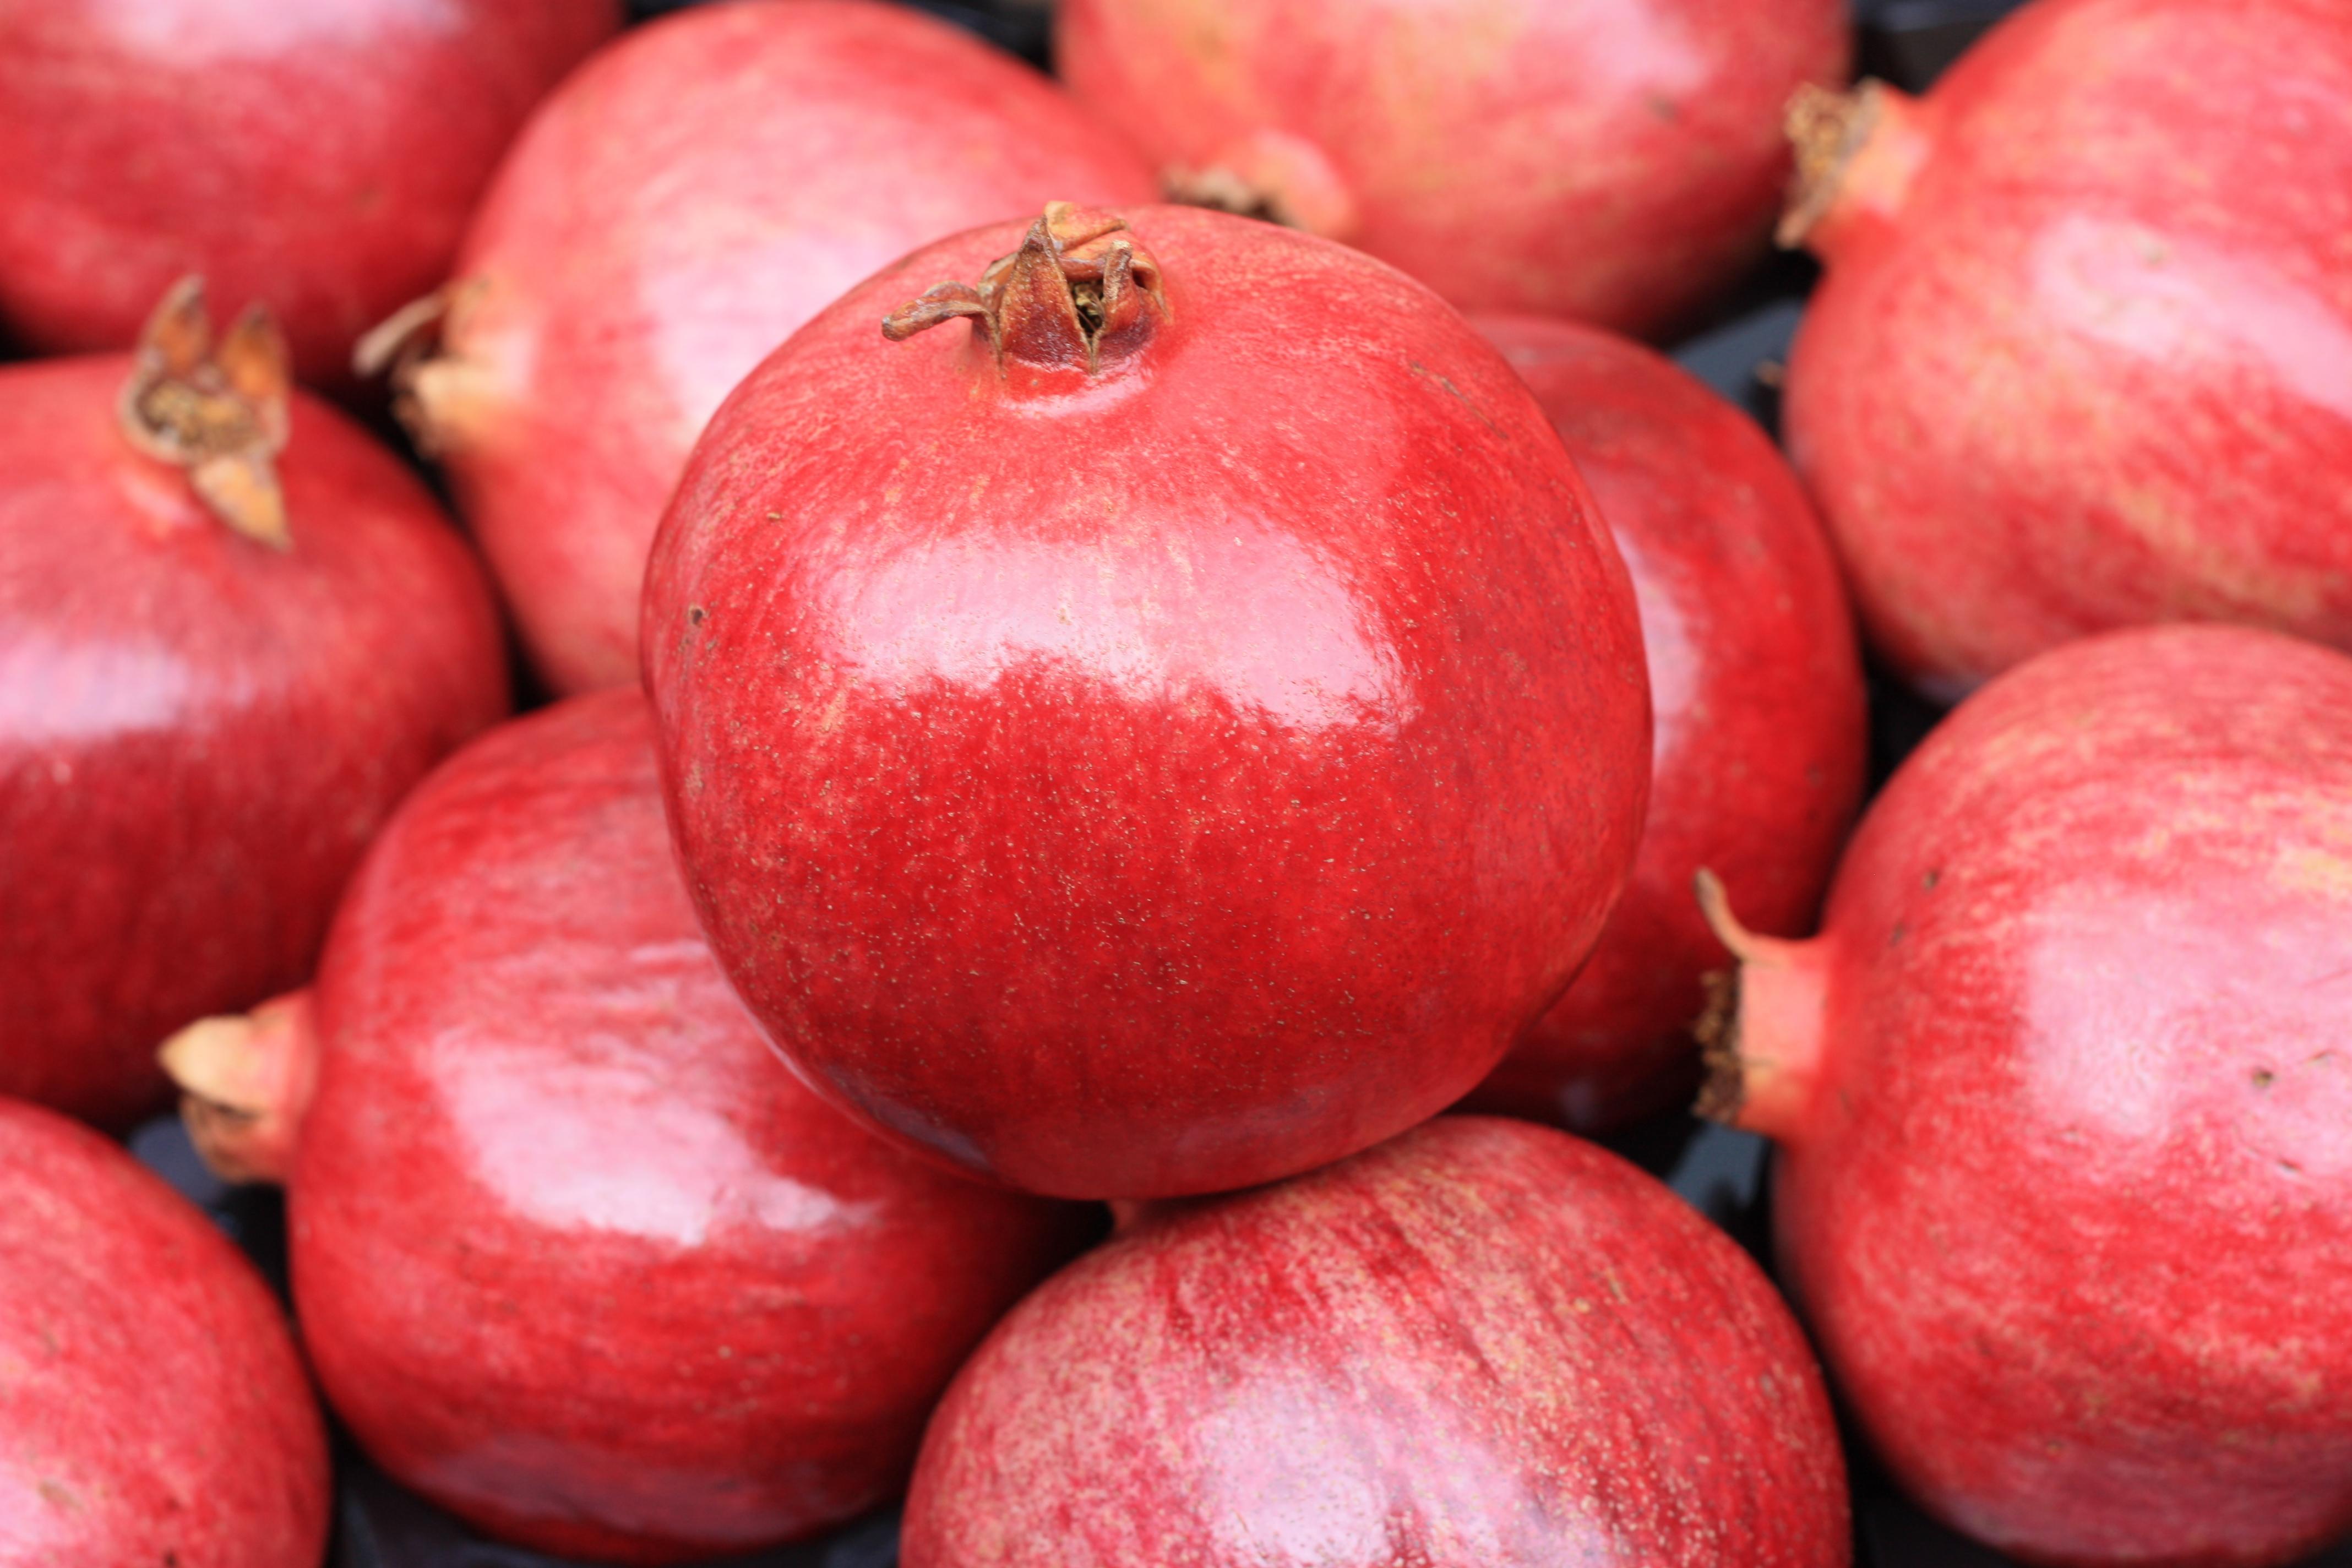 【抗氧化之王❤️天然紅寶石❤️新鮮石榴】頂級XL號原裝13kg(18-22顆)